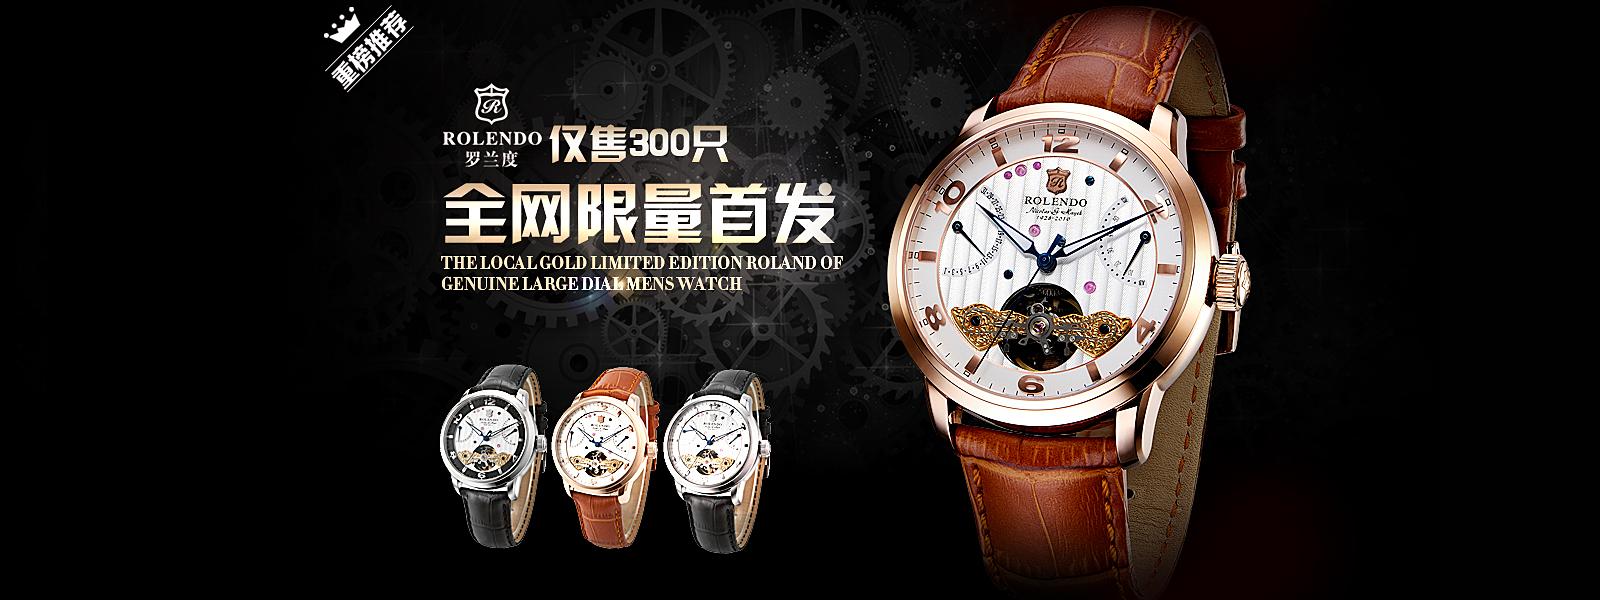 手表海报,淘宝banner|网页|banner/广告图|伍晓莲